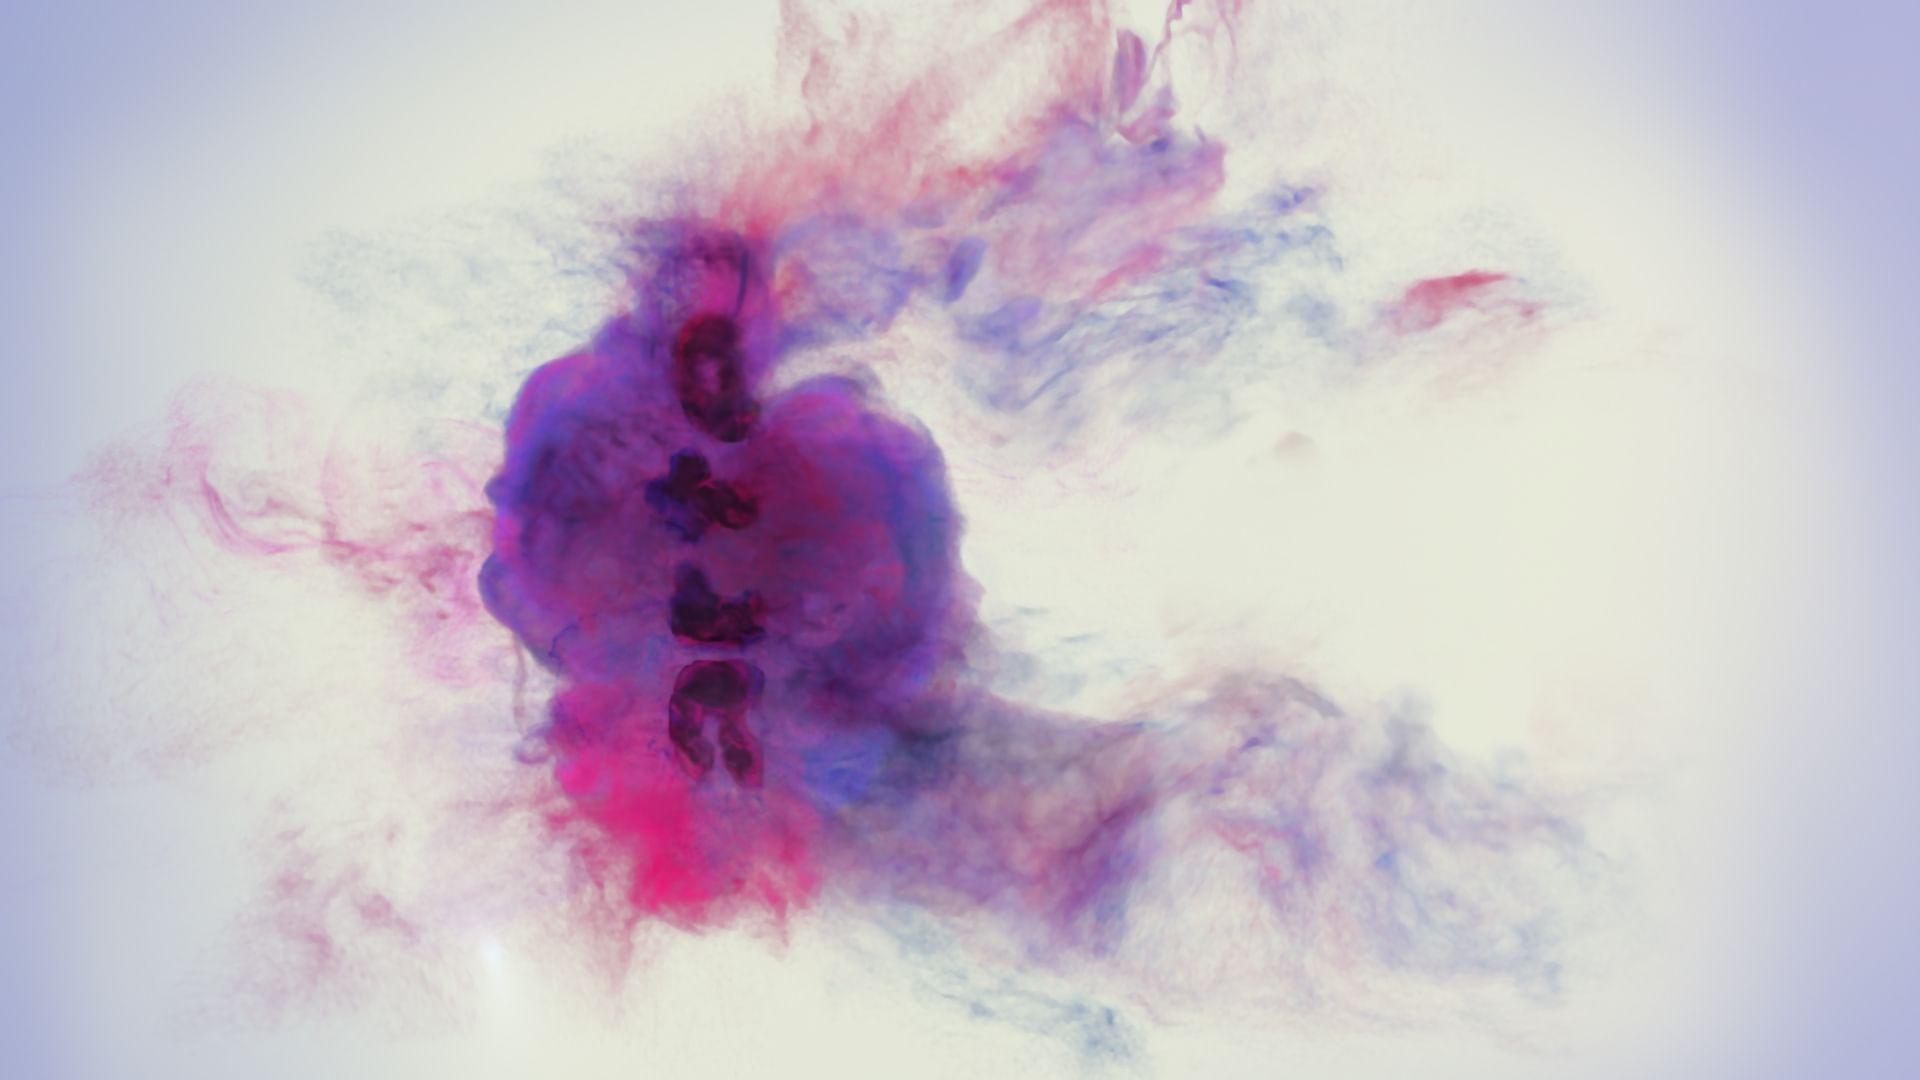 Die U-Bahn im Film